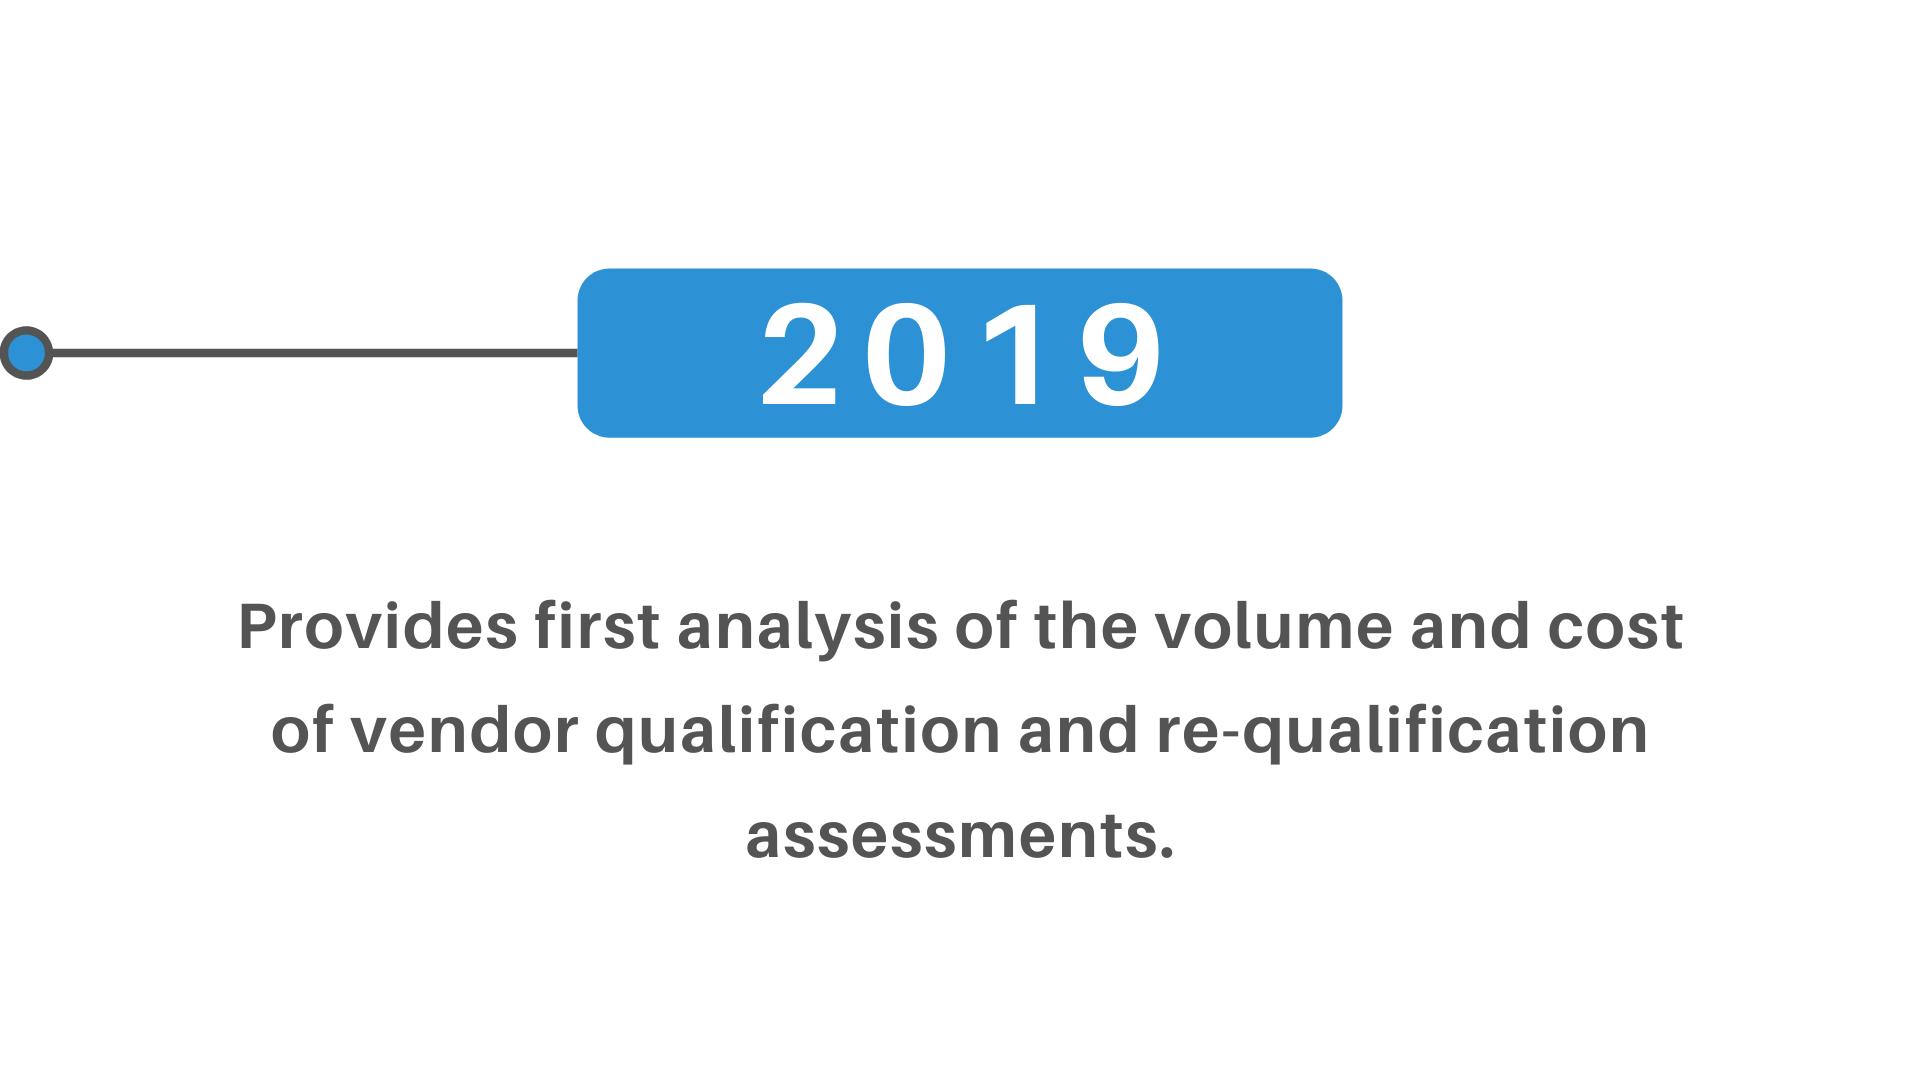 volume cost vendor qualification re-qualification